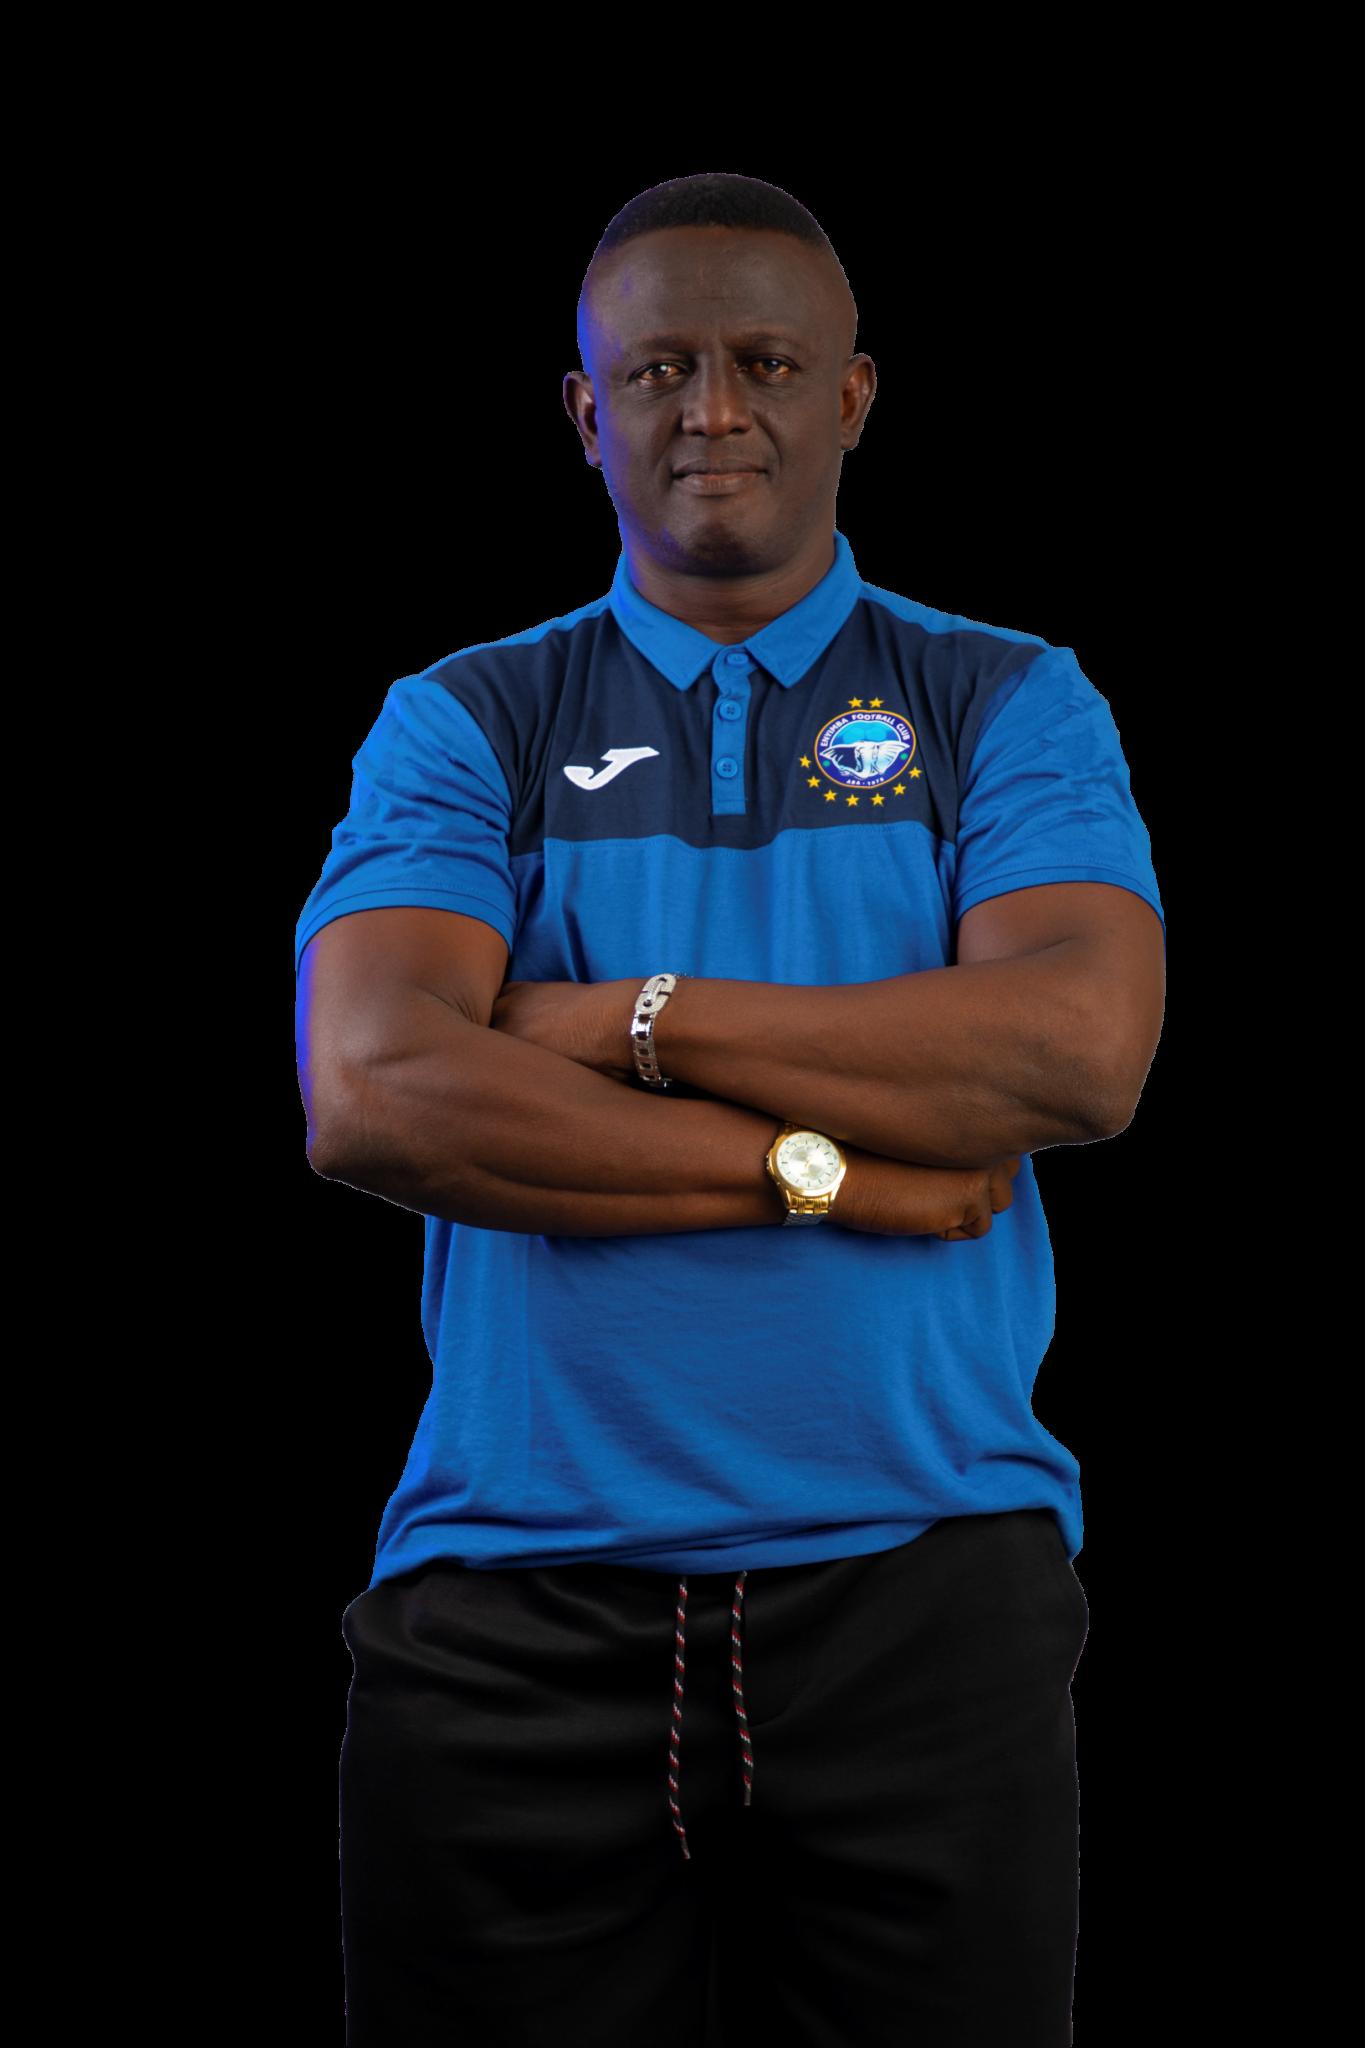 Lawrence Ukaegbu